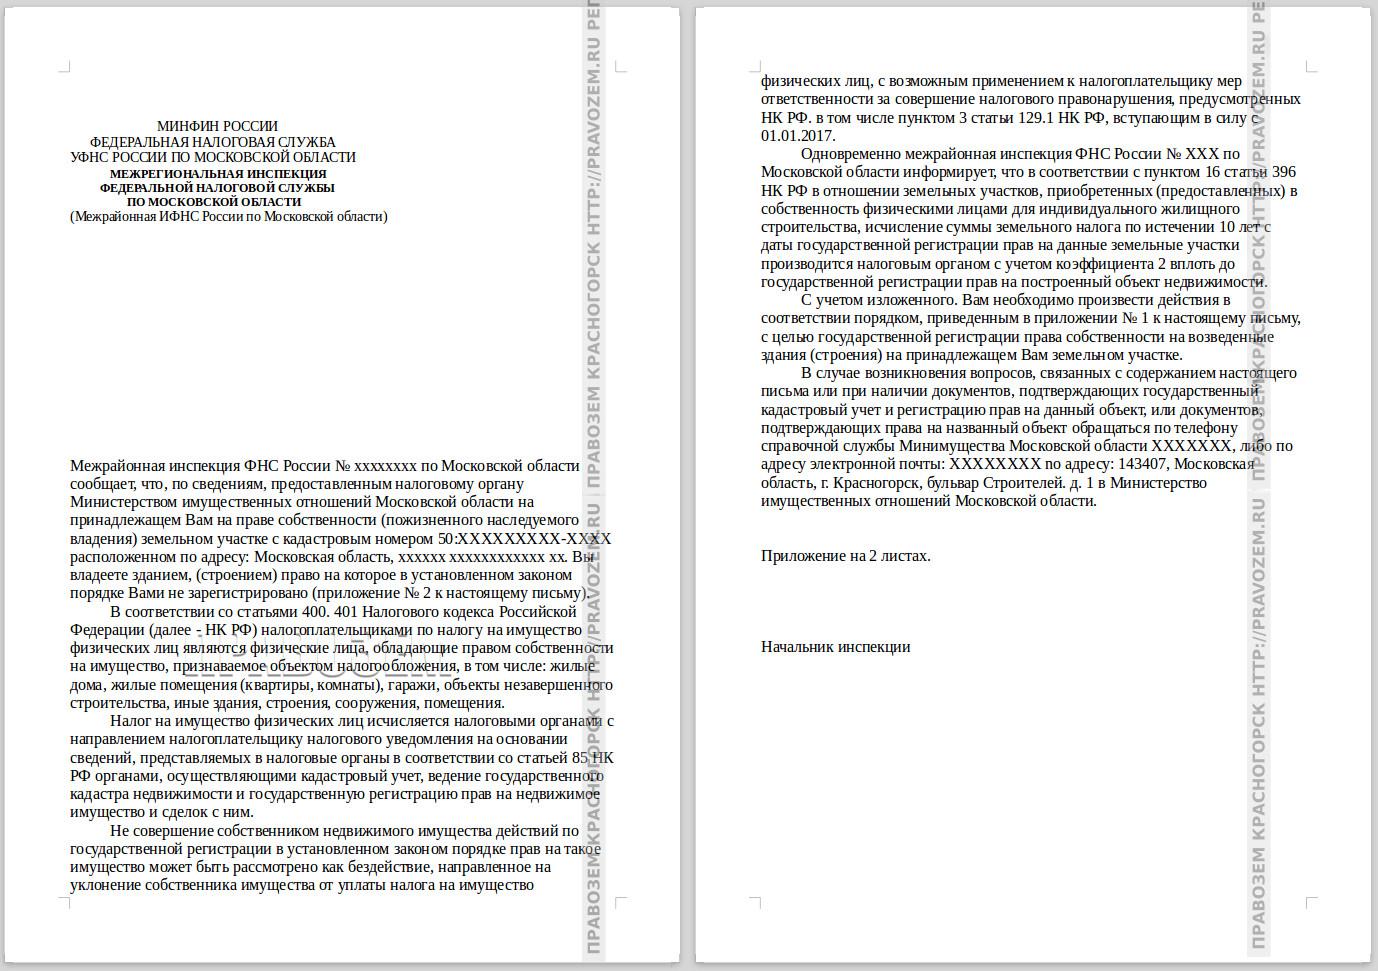 Письмо от МИНФИН РОССИИ владельцам незарегистрированных домов...